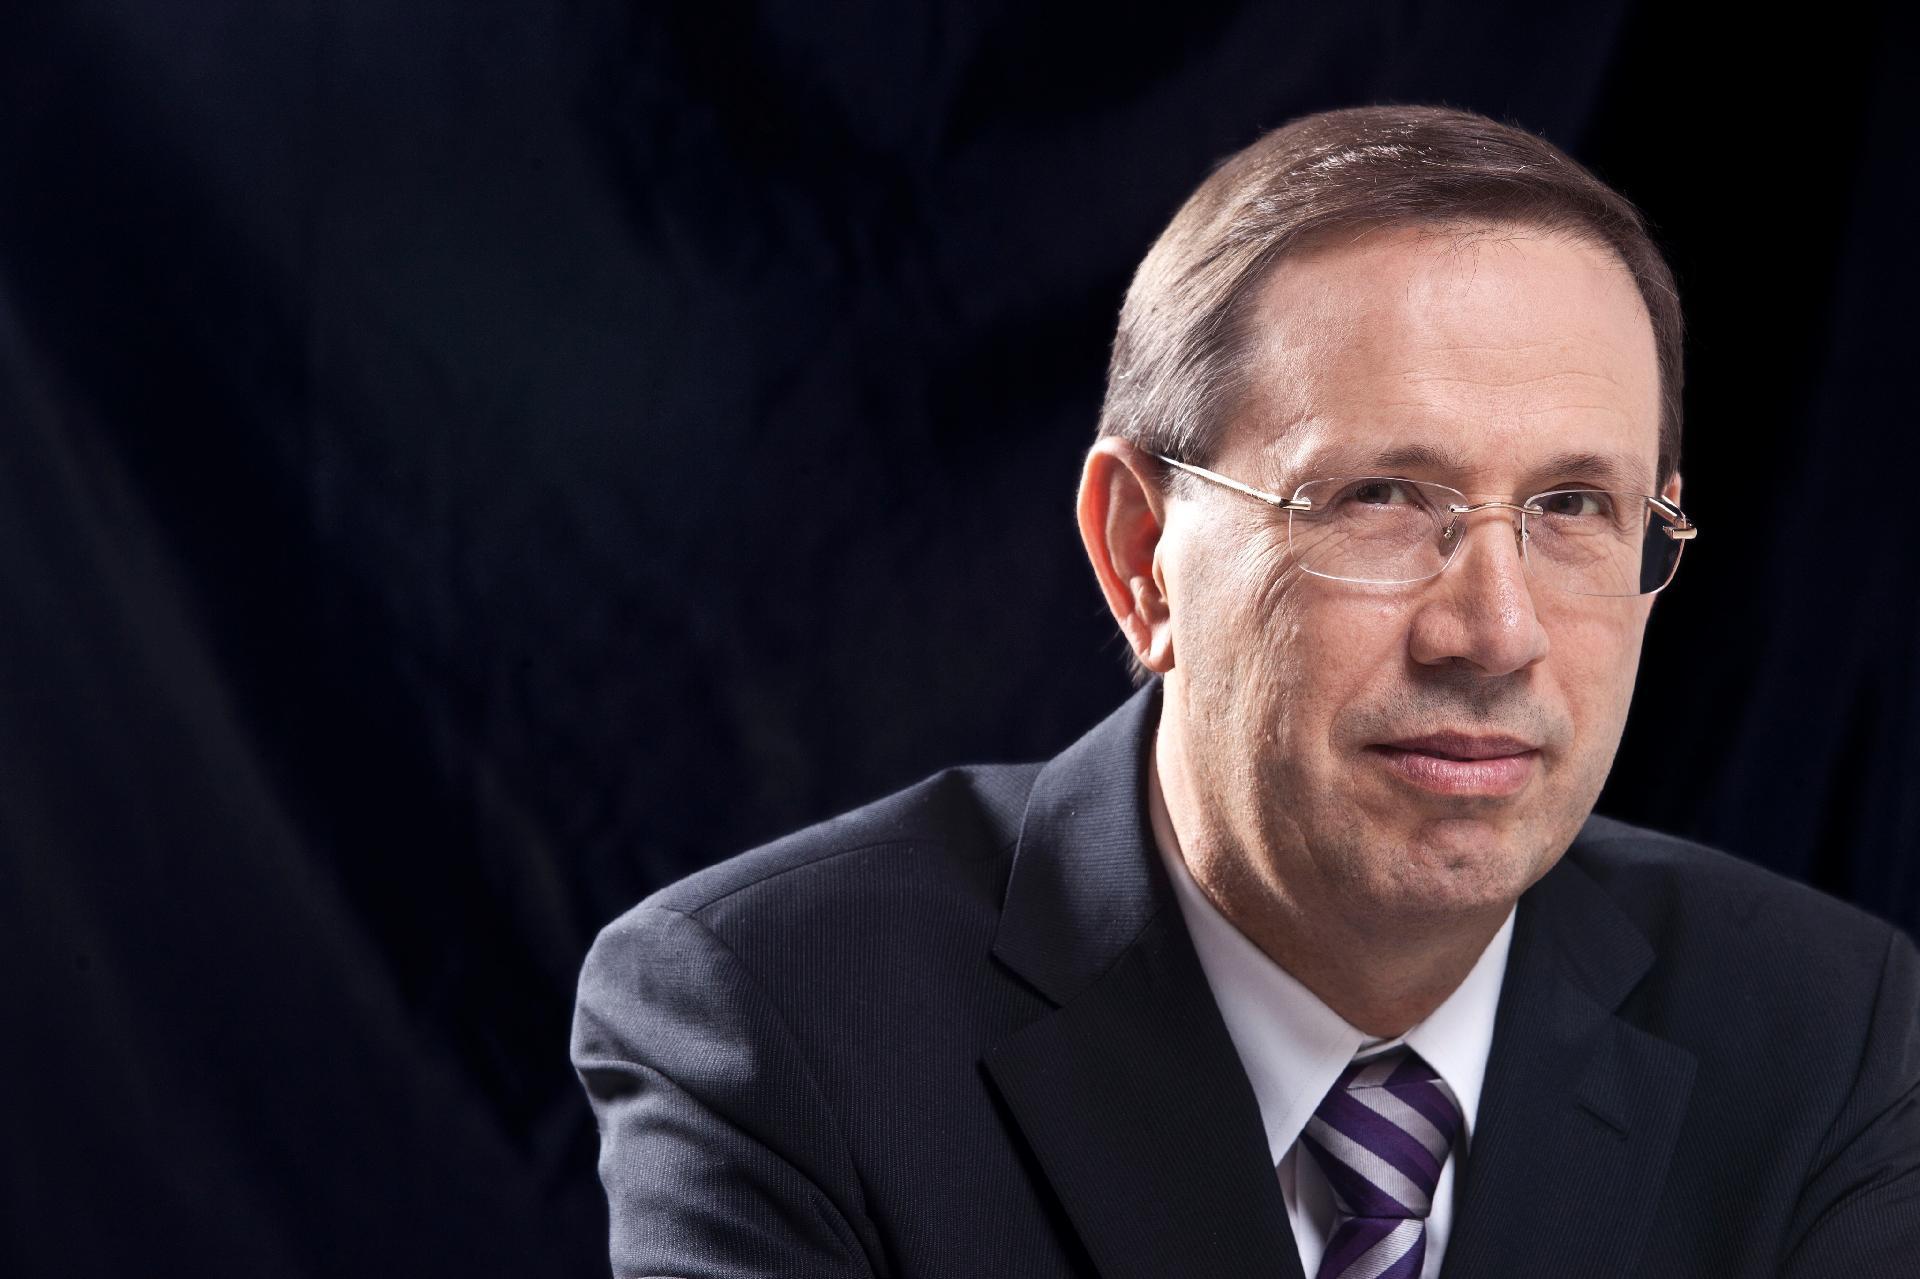 IMAGEM: Barroso mantém condução coercitiva de Wizard